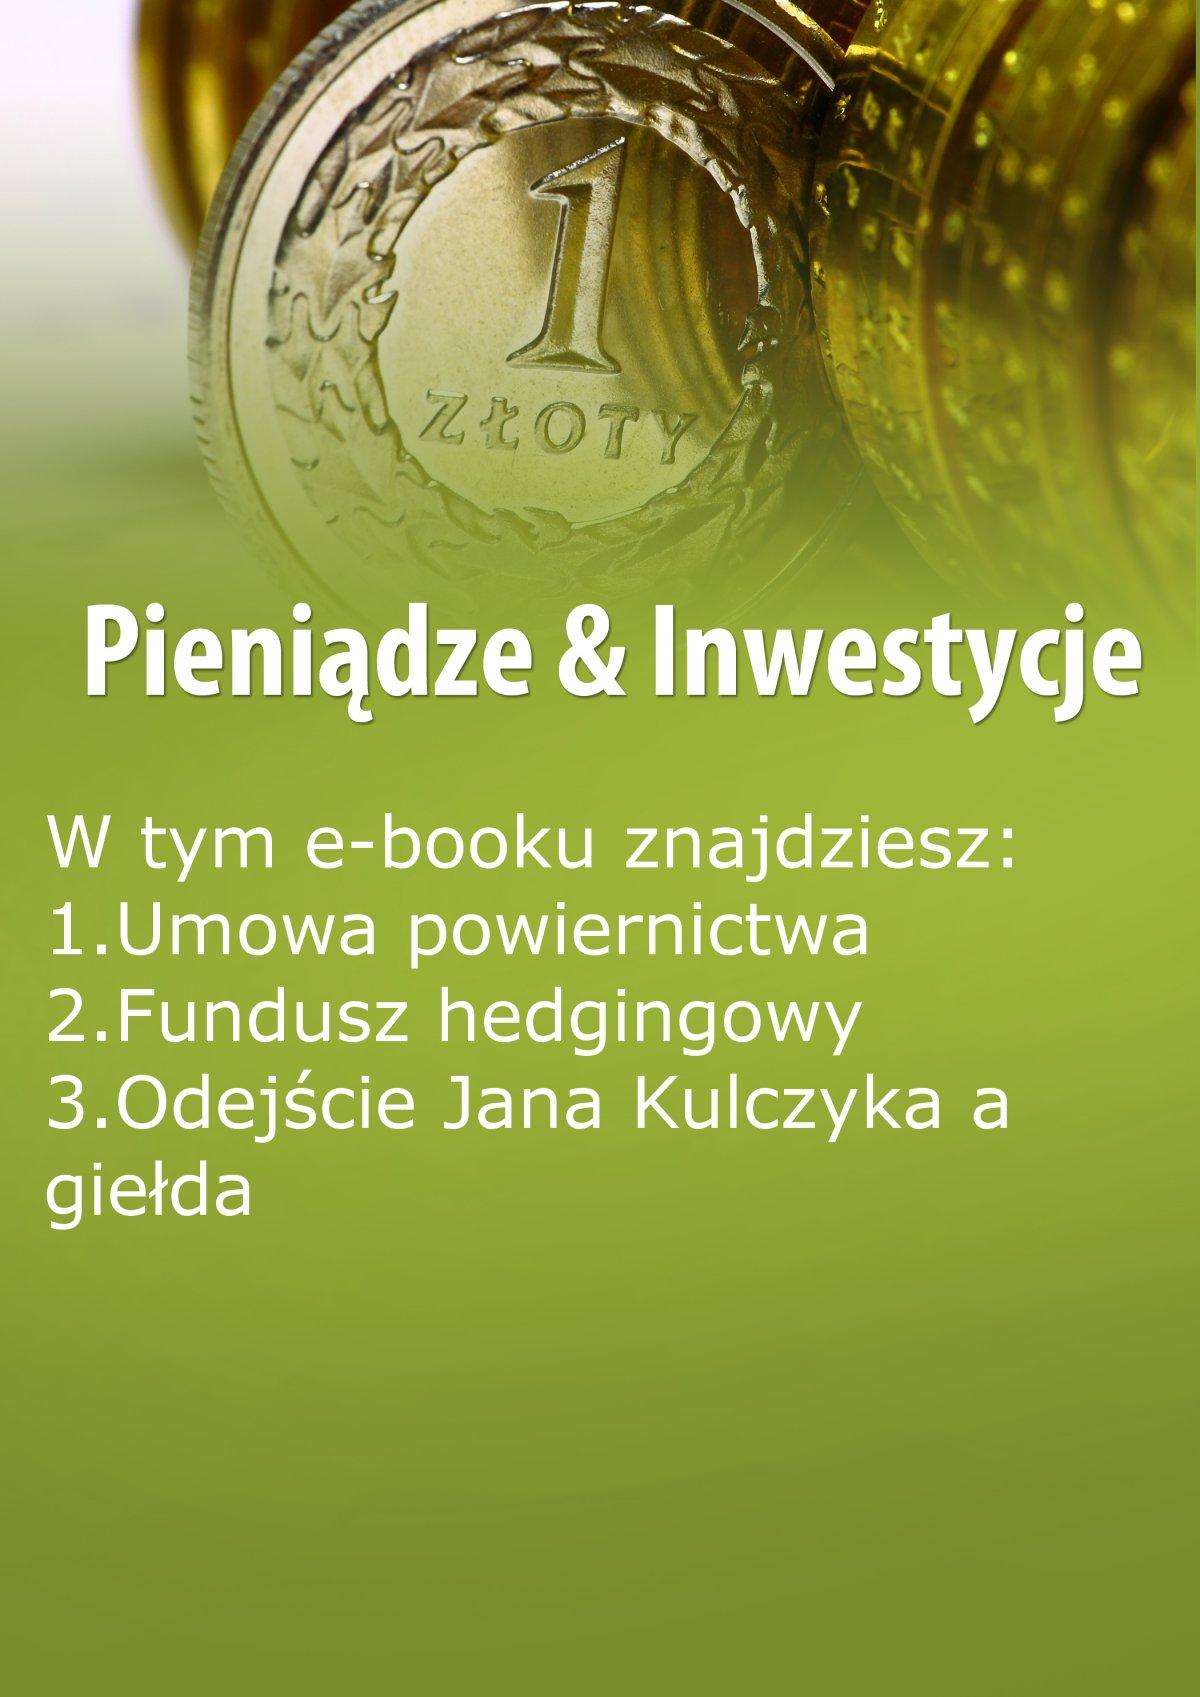 Pieniądze & Inwestycje, wydanie wrzesień 2015 r. Część I - Ebook (Książka na Kindle) do pobrania w formacie MOBI